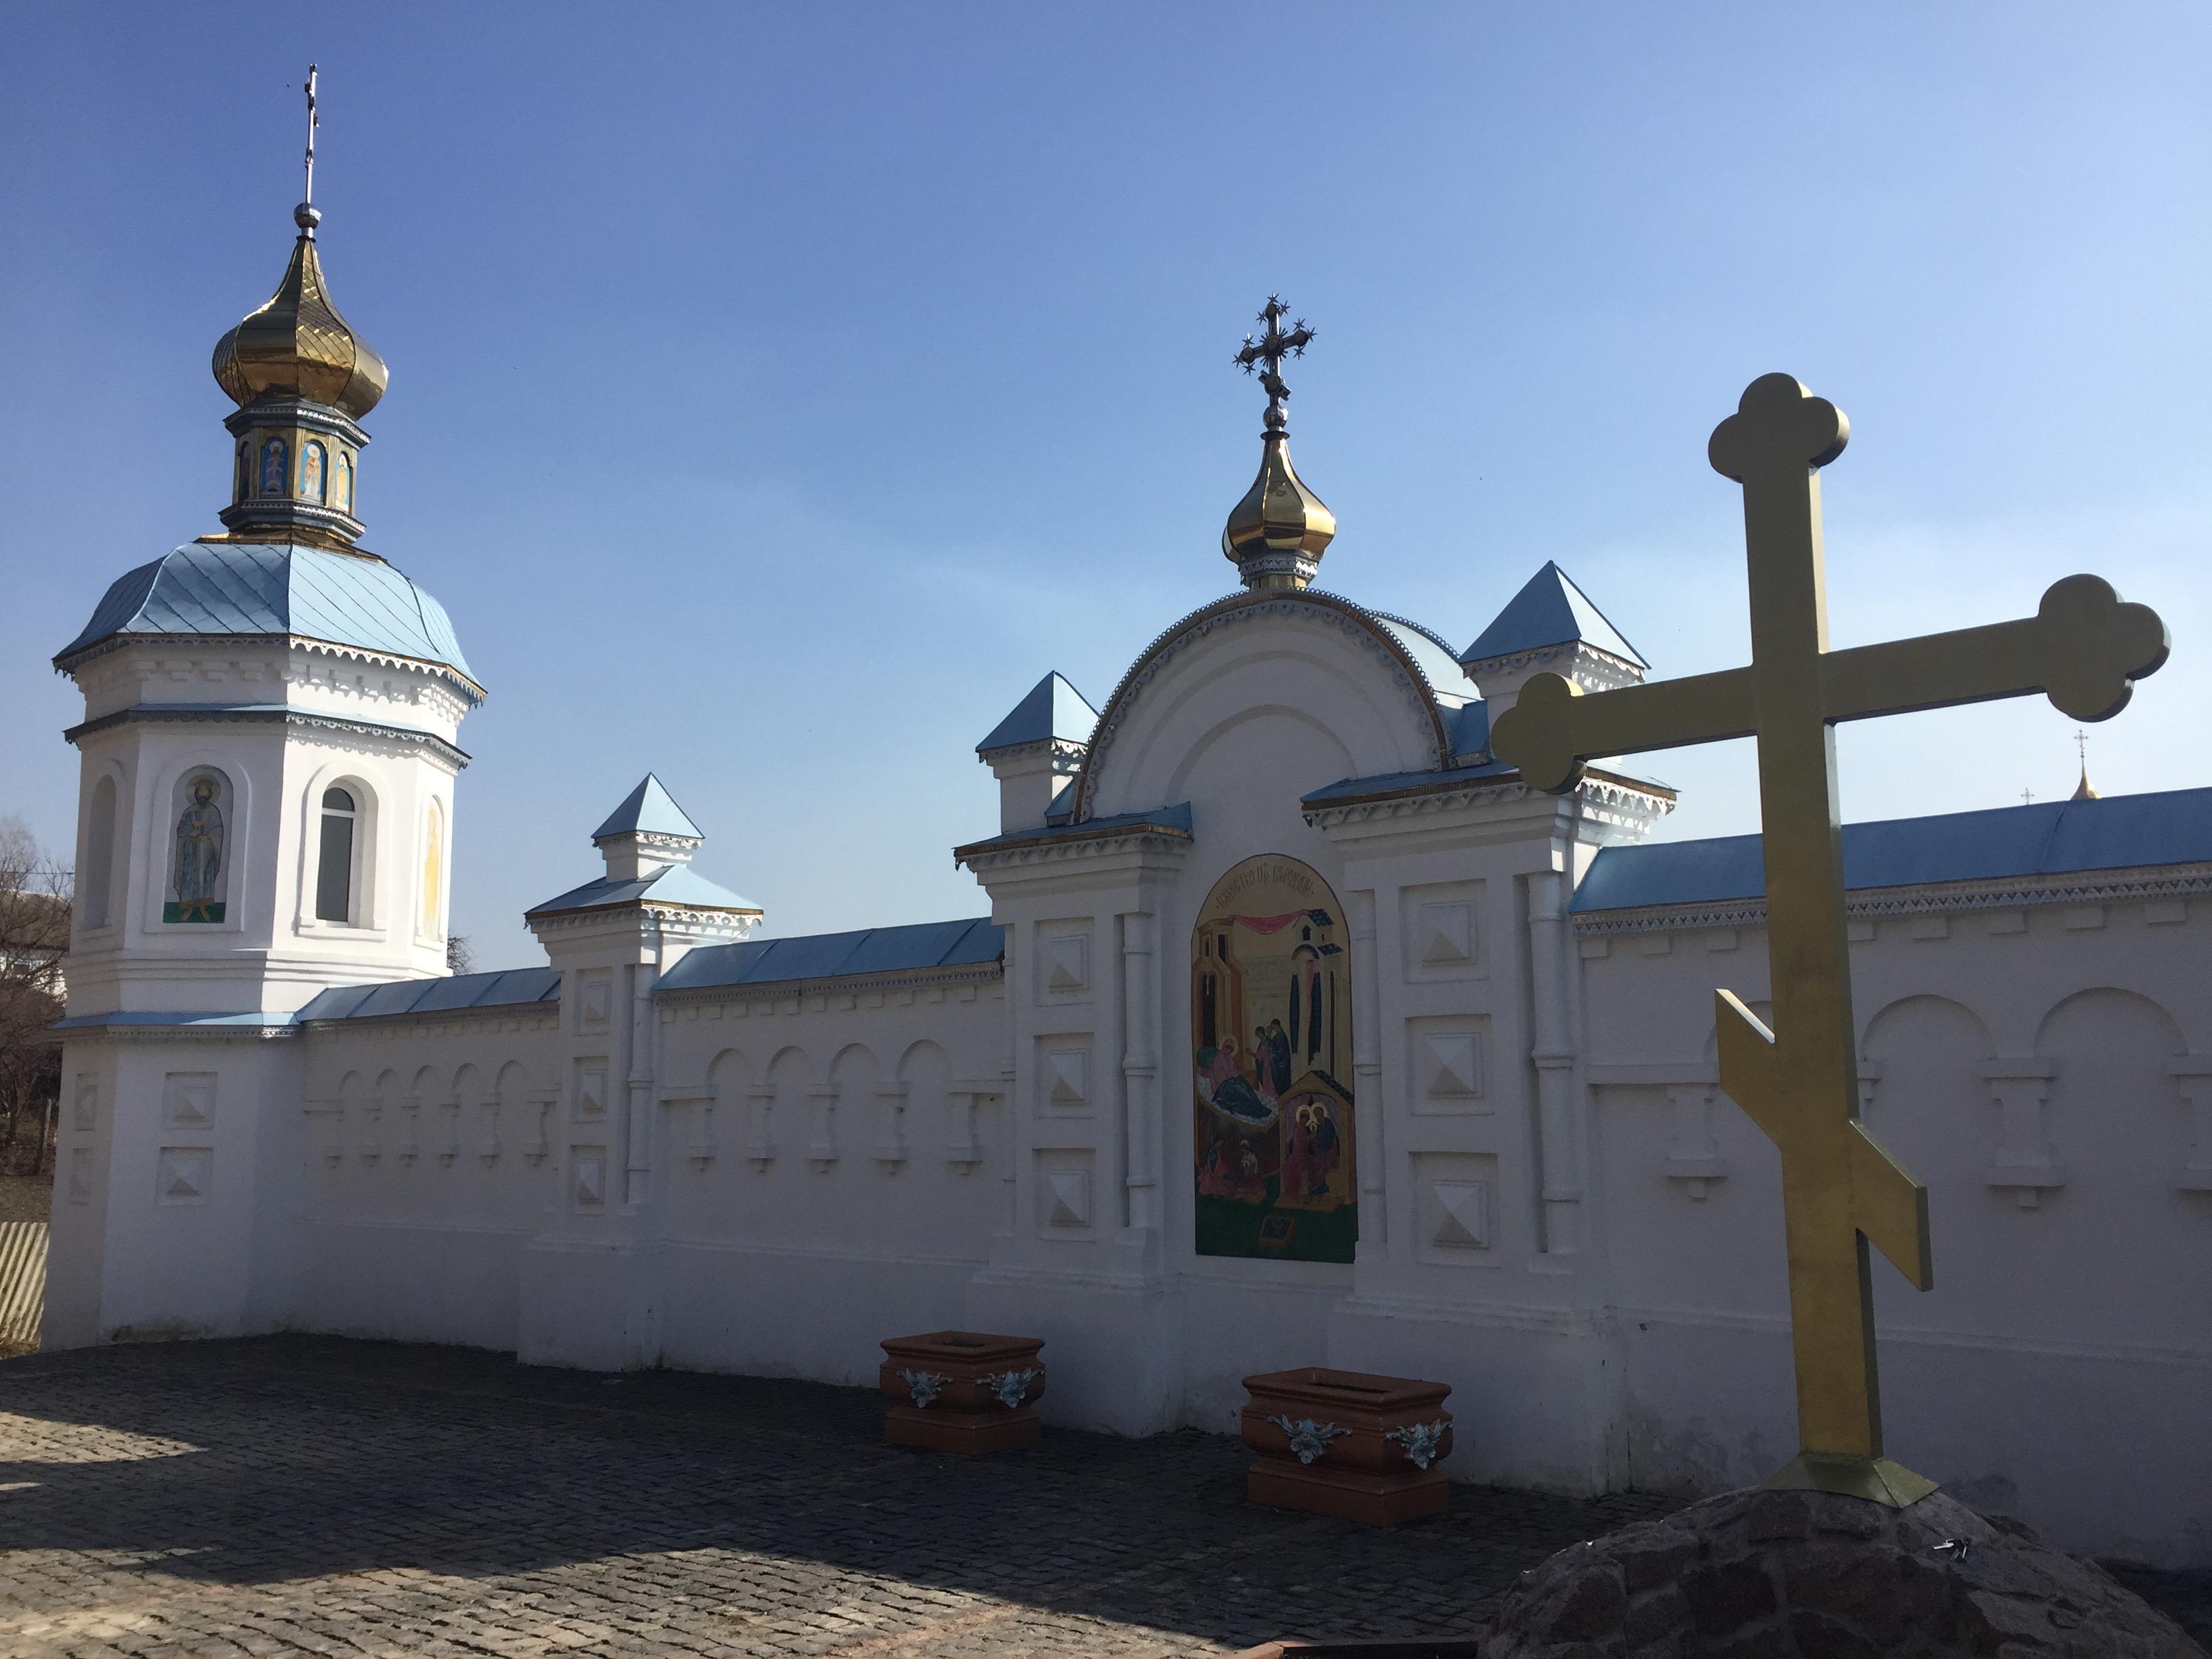 モルチェンスキー修道院の内側